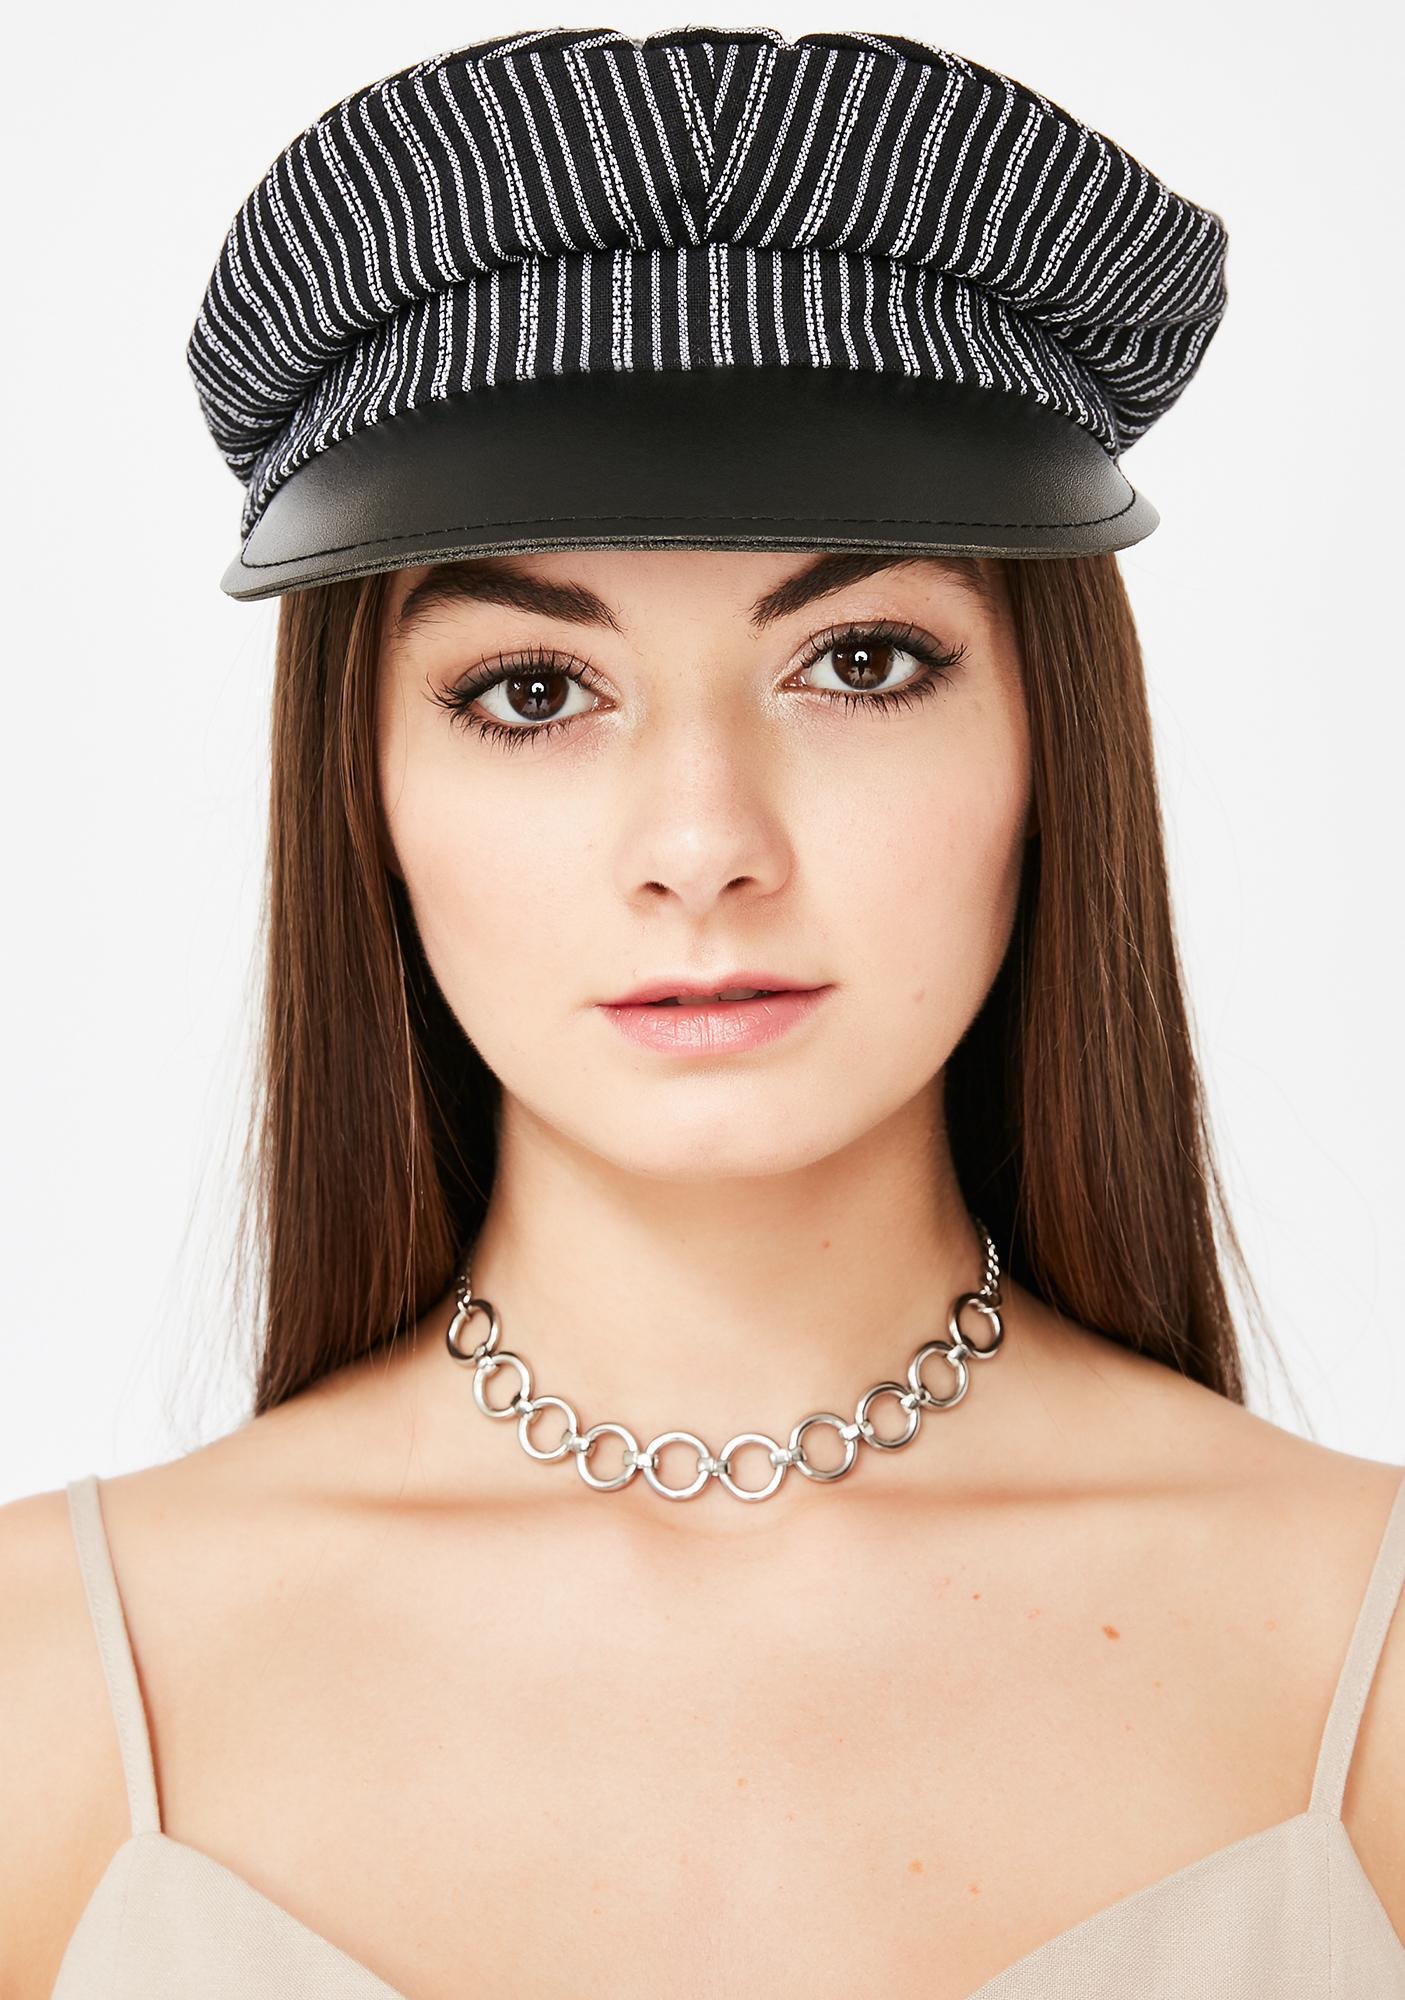 Speakeasy Striped Baker Boy Hat